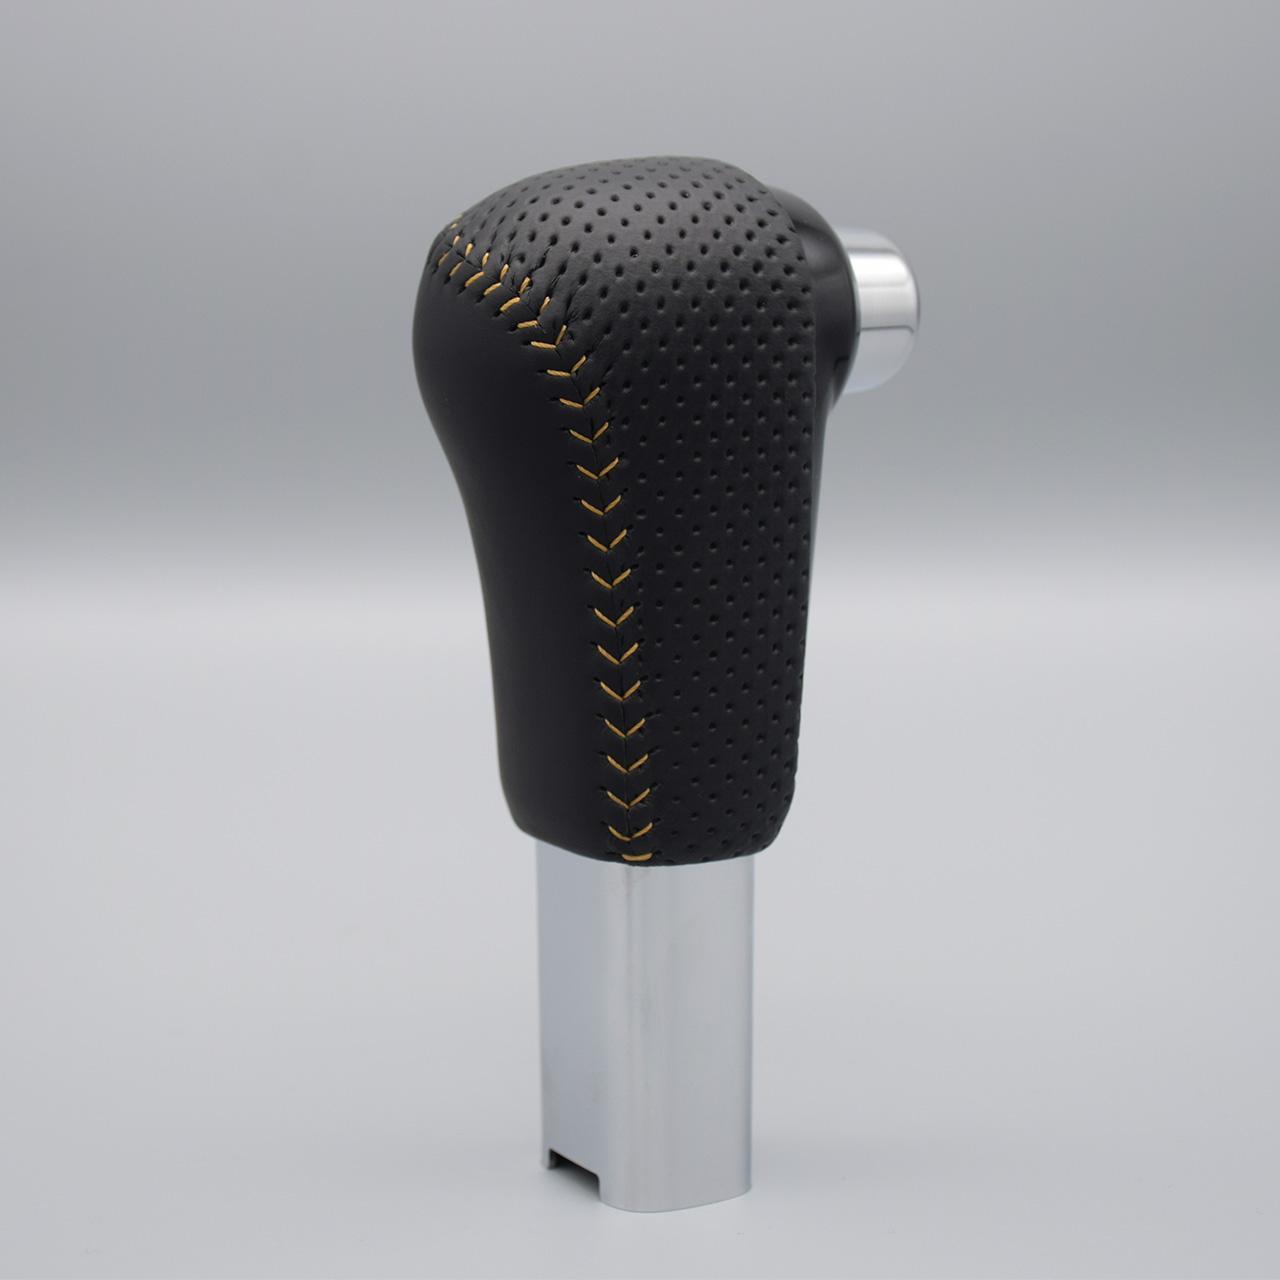 Leather Custom FIRST N-BOX純正シフトノブ革巻き加工